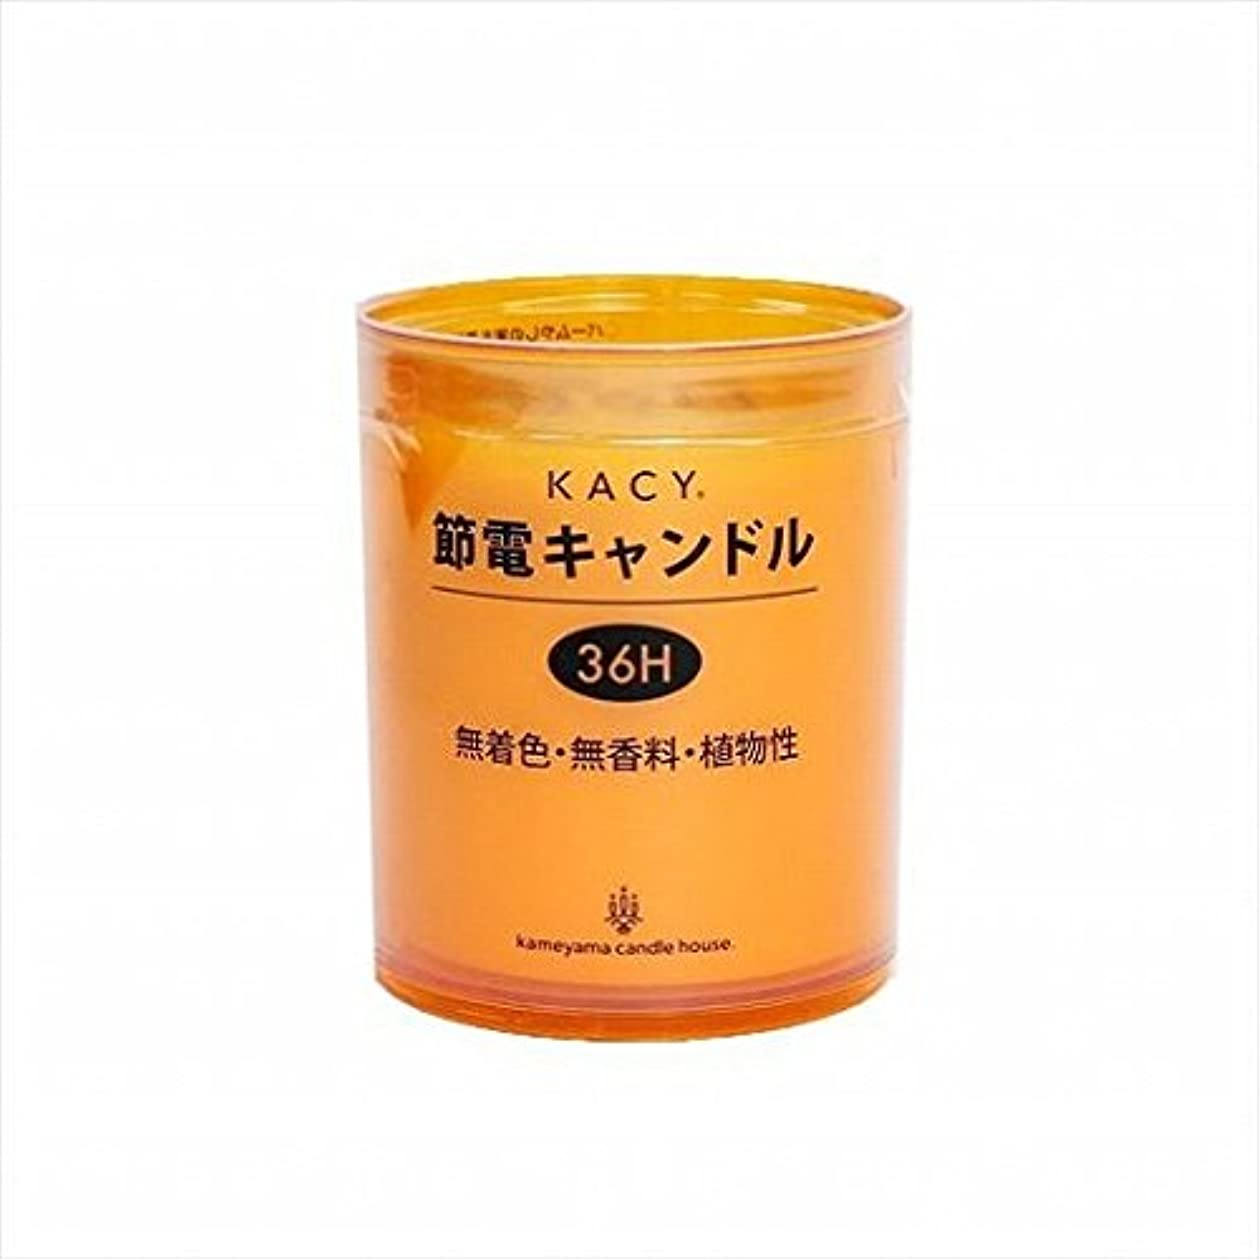 排泄するピンク軍団kameyama candle(カメヤマキャンドル) 節電キャンドル 36時間タイプ 「 オレンジ 」 キャンドル 83x83x100mm (A9610010OR)